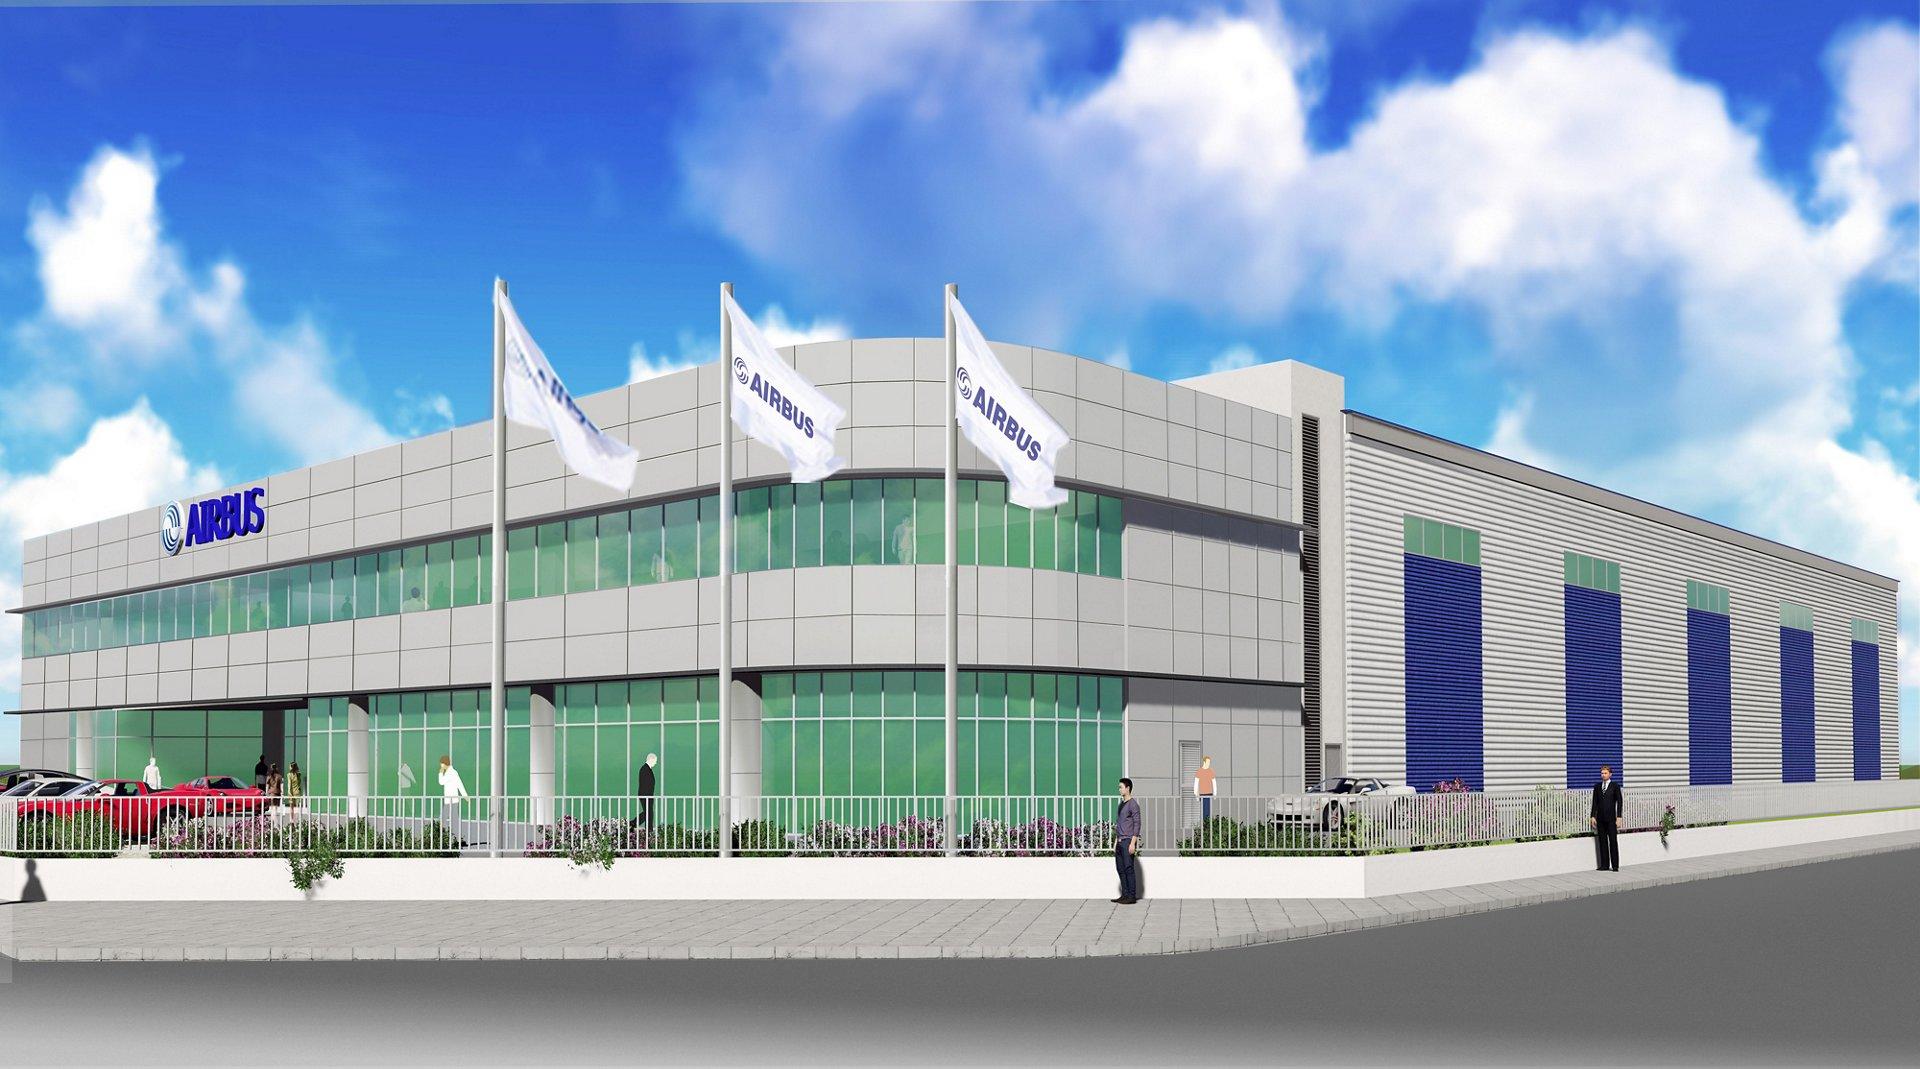 Airbus Asia Training Centre_Digital rendering